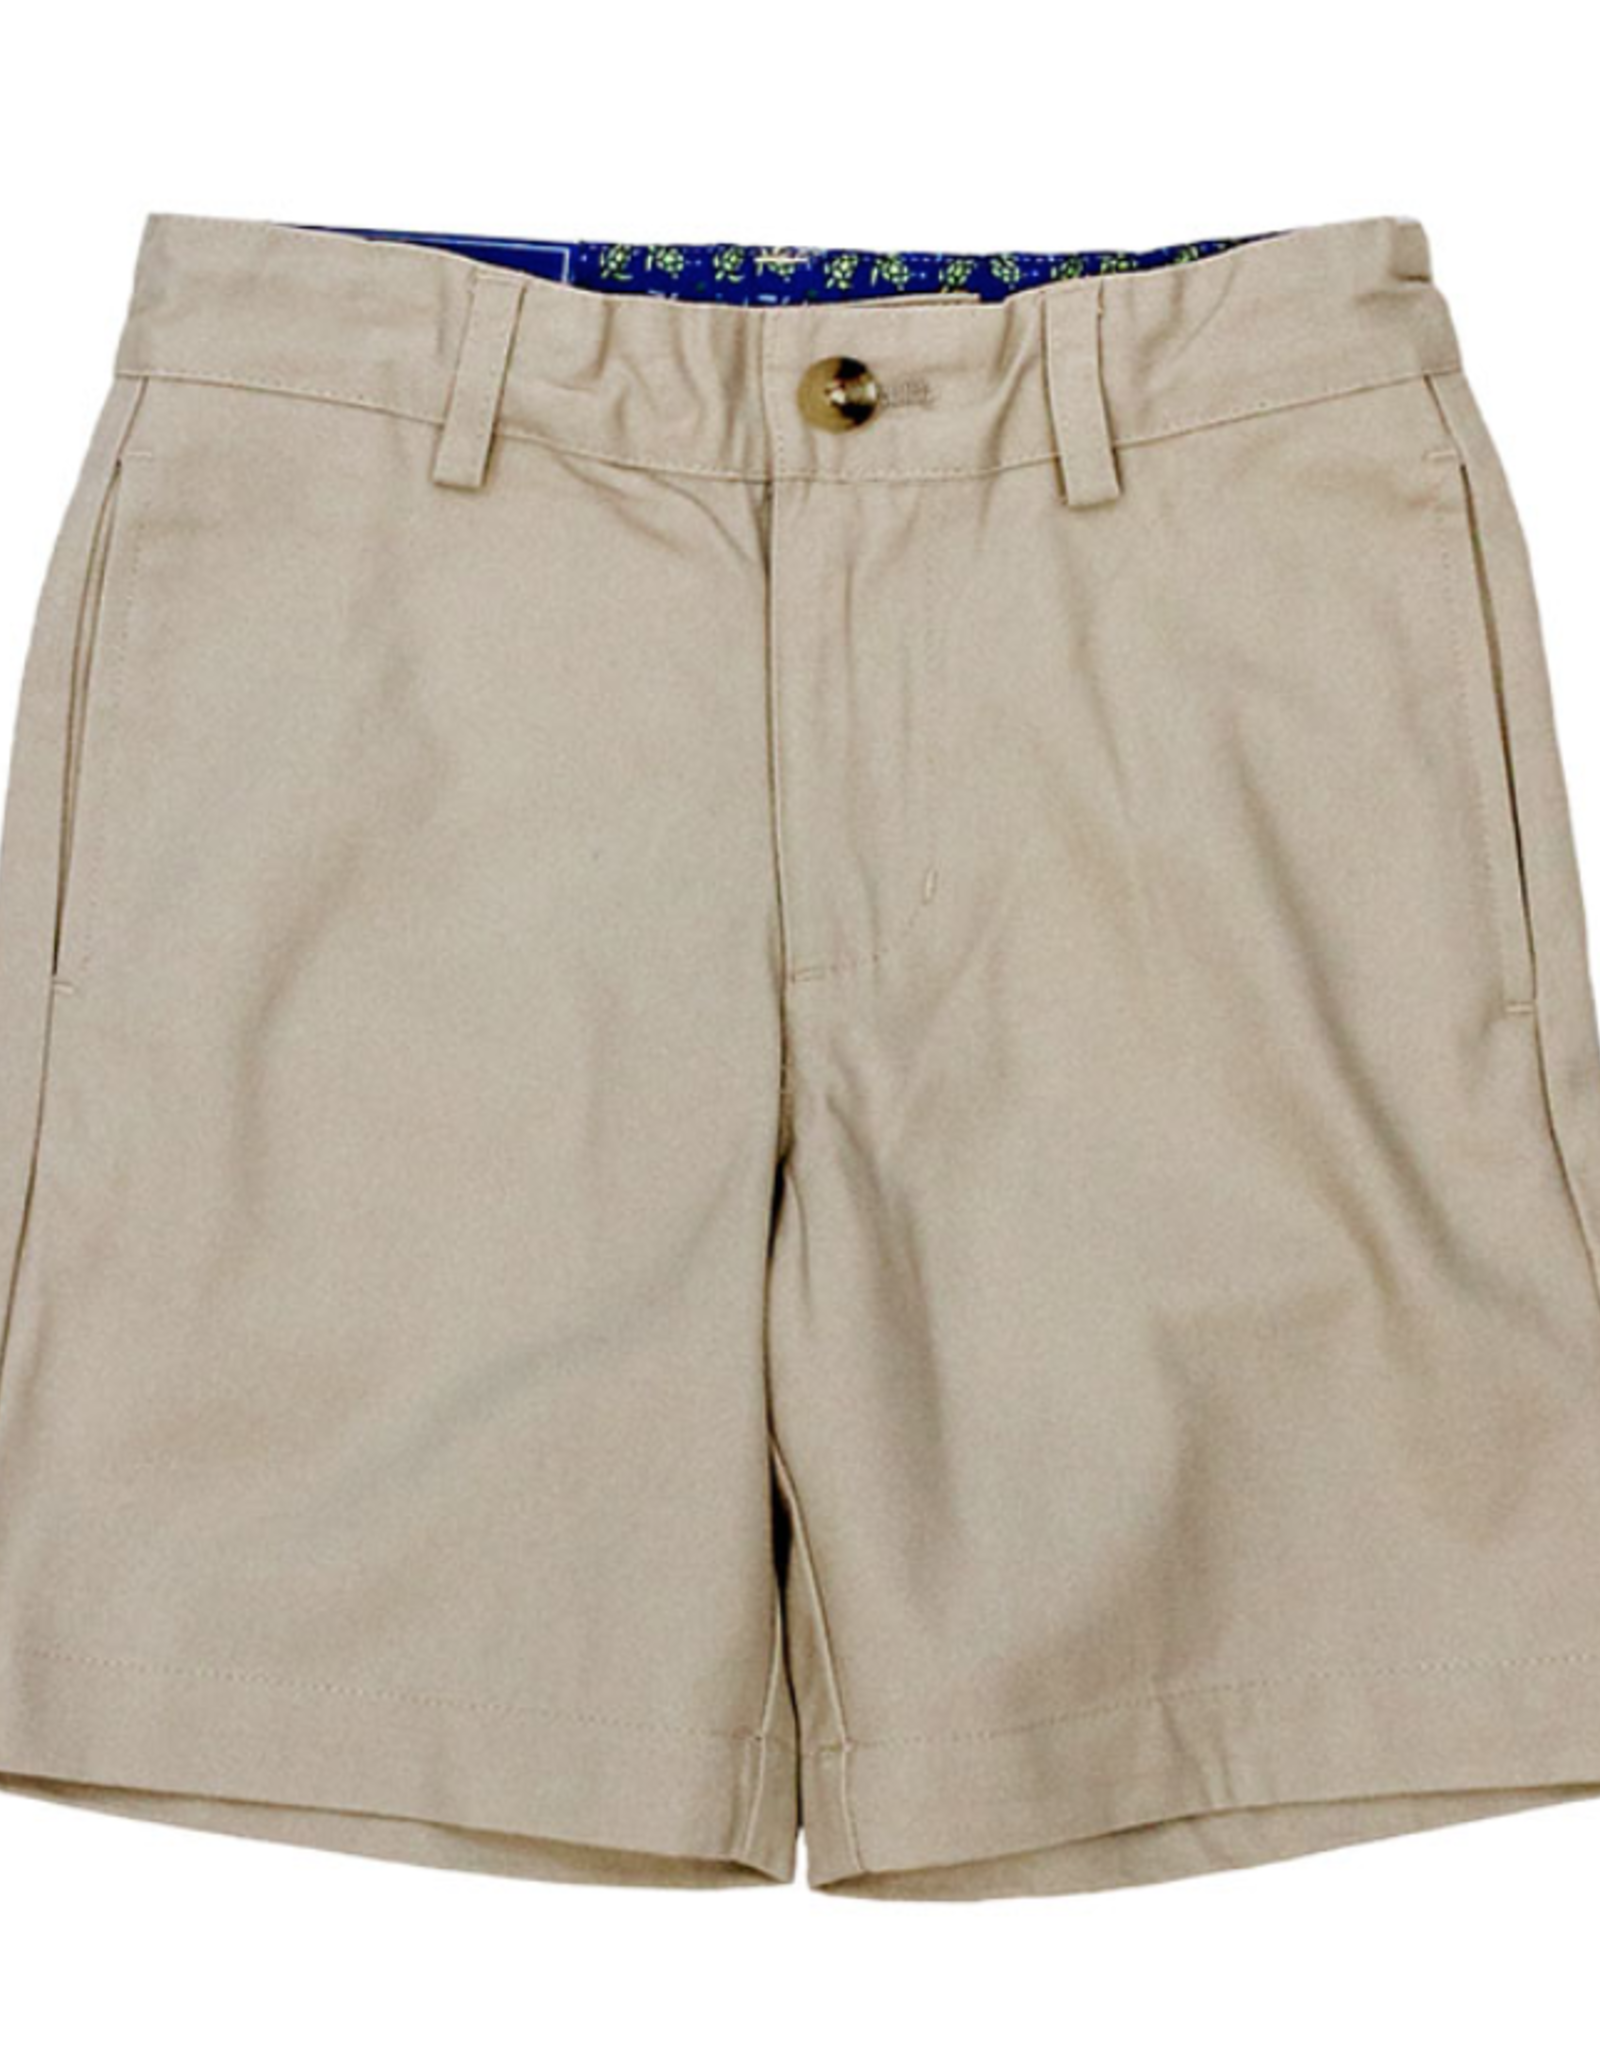 The Bailey Boys Khaki Twill Shorts